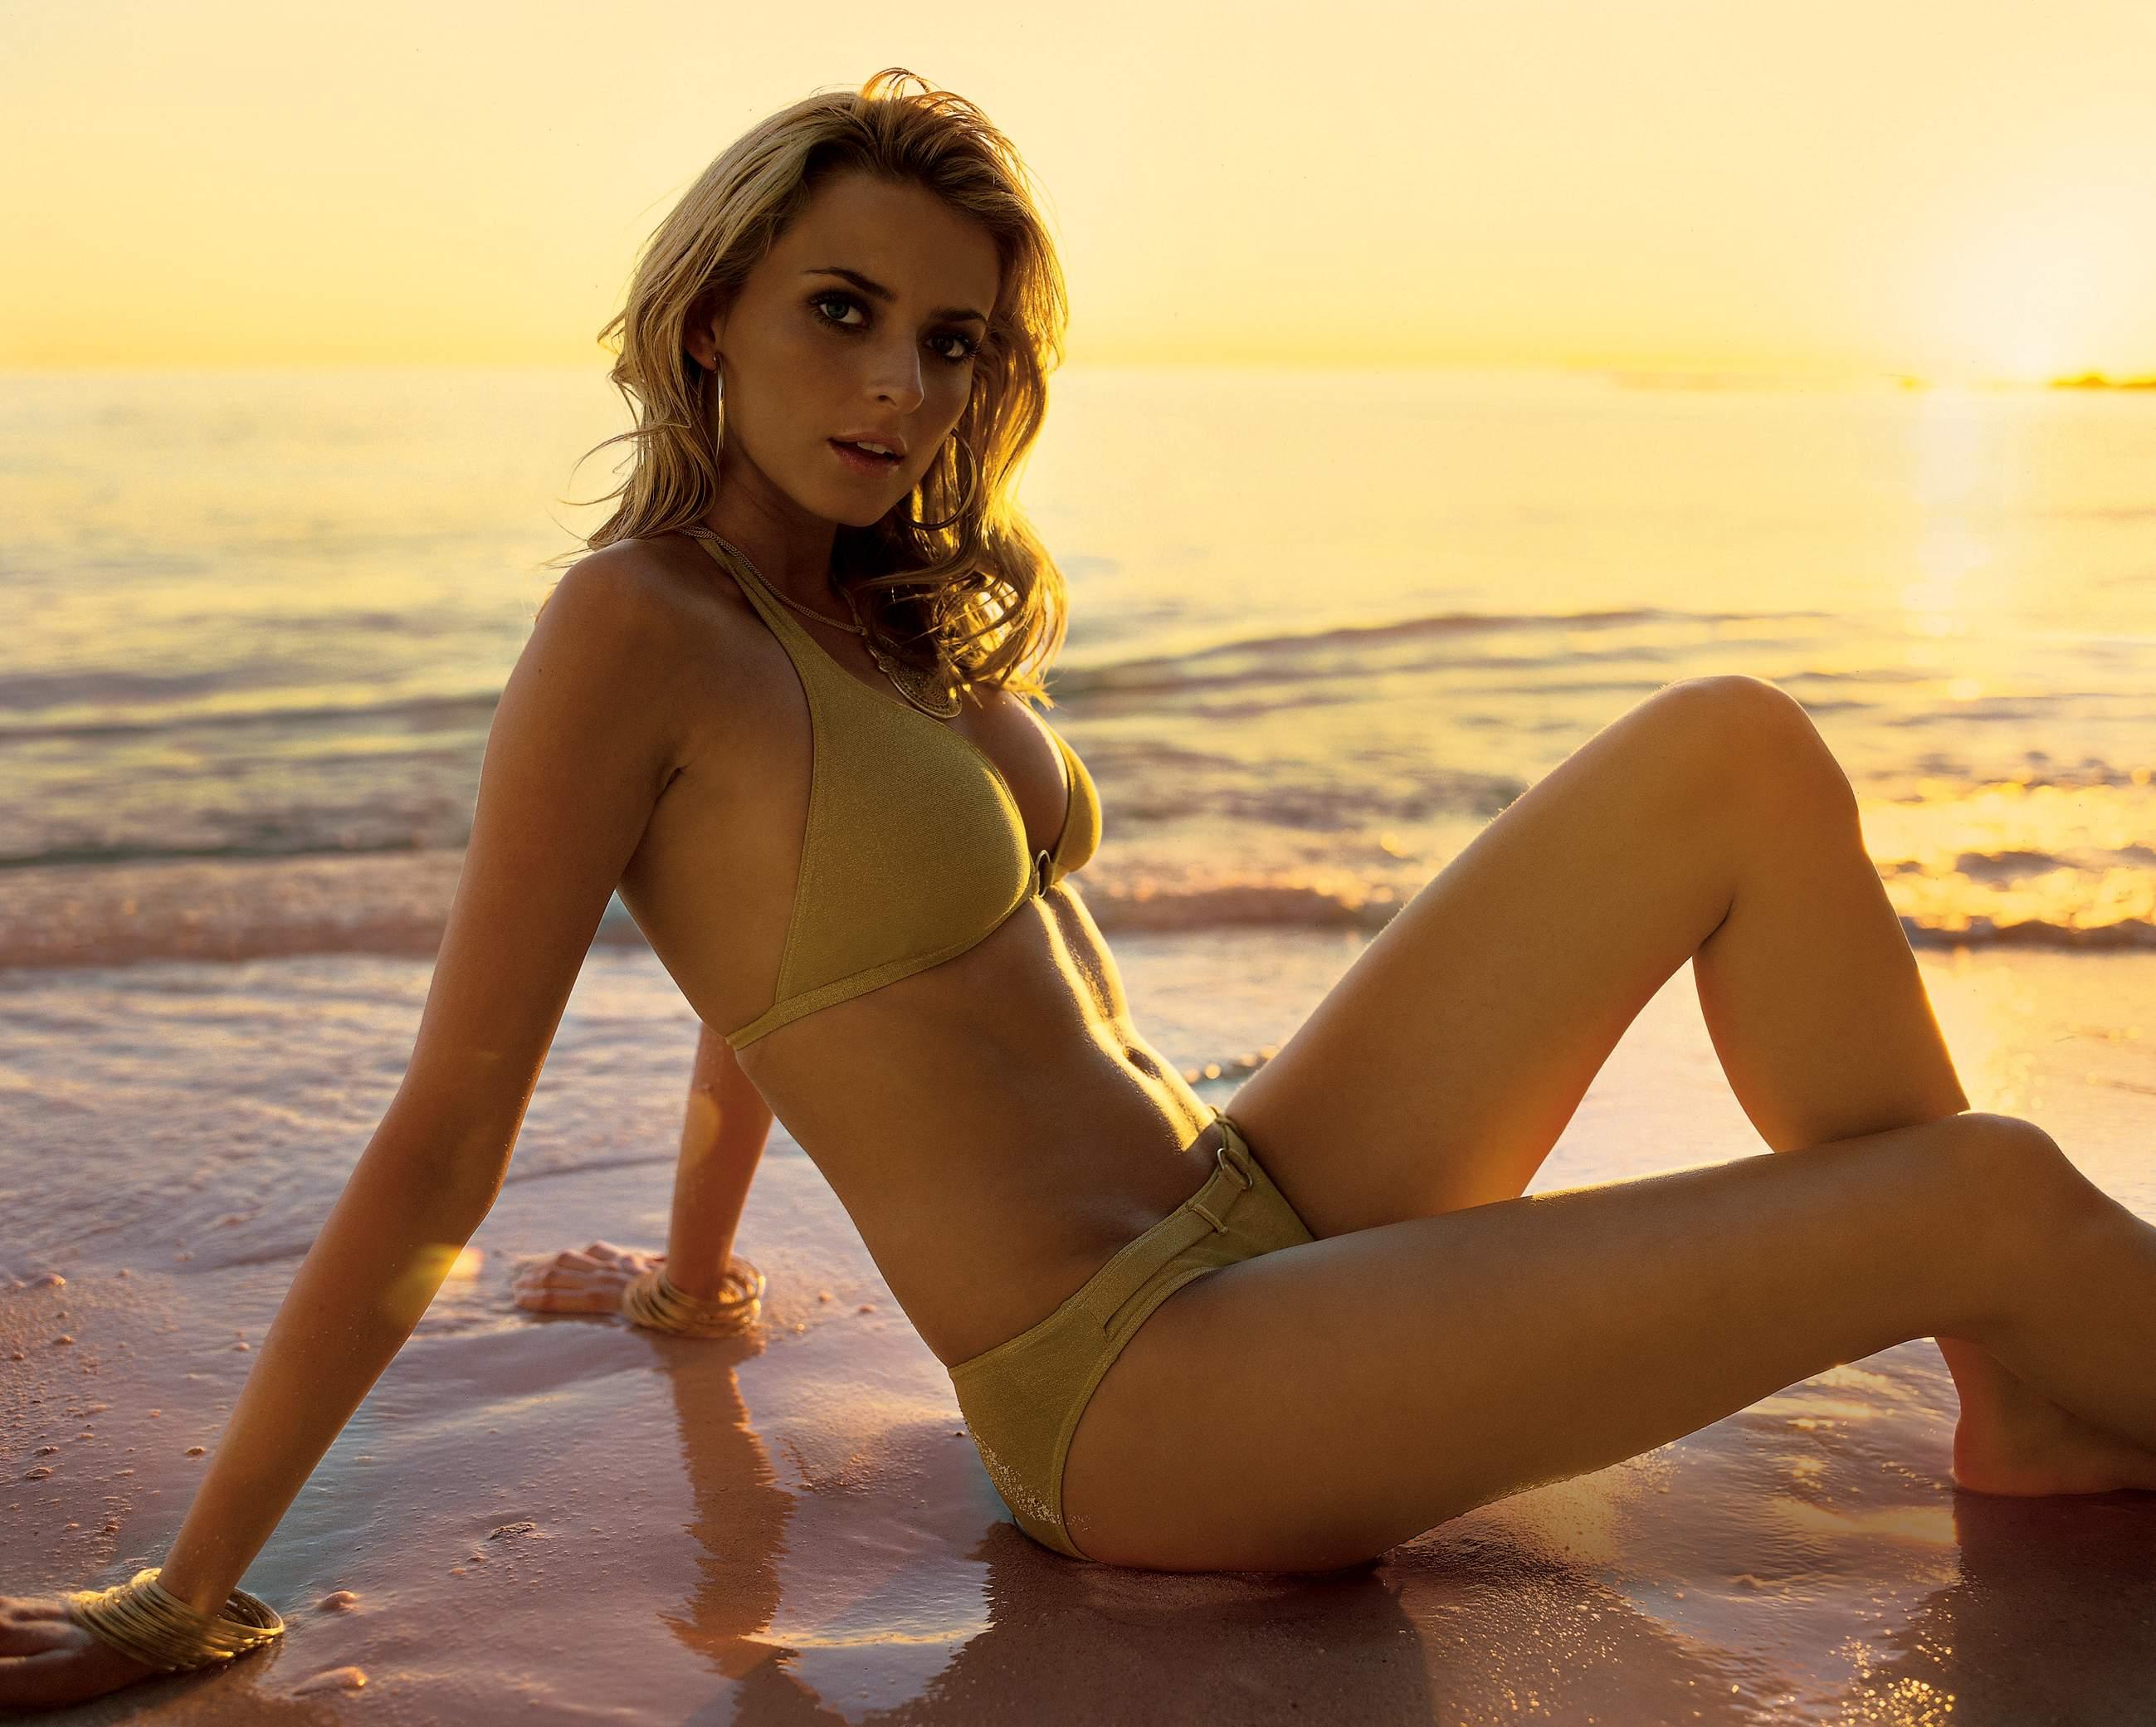 Фото голых девочек на пляжу 15 фотография